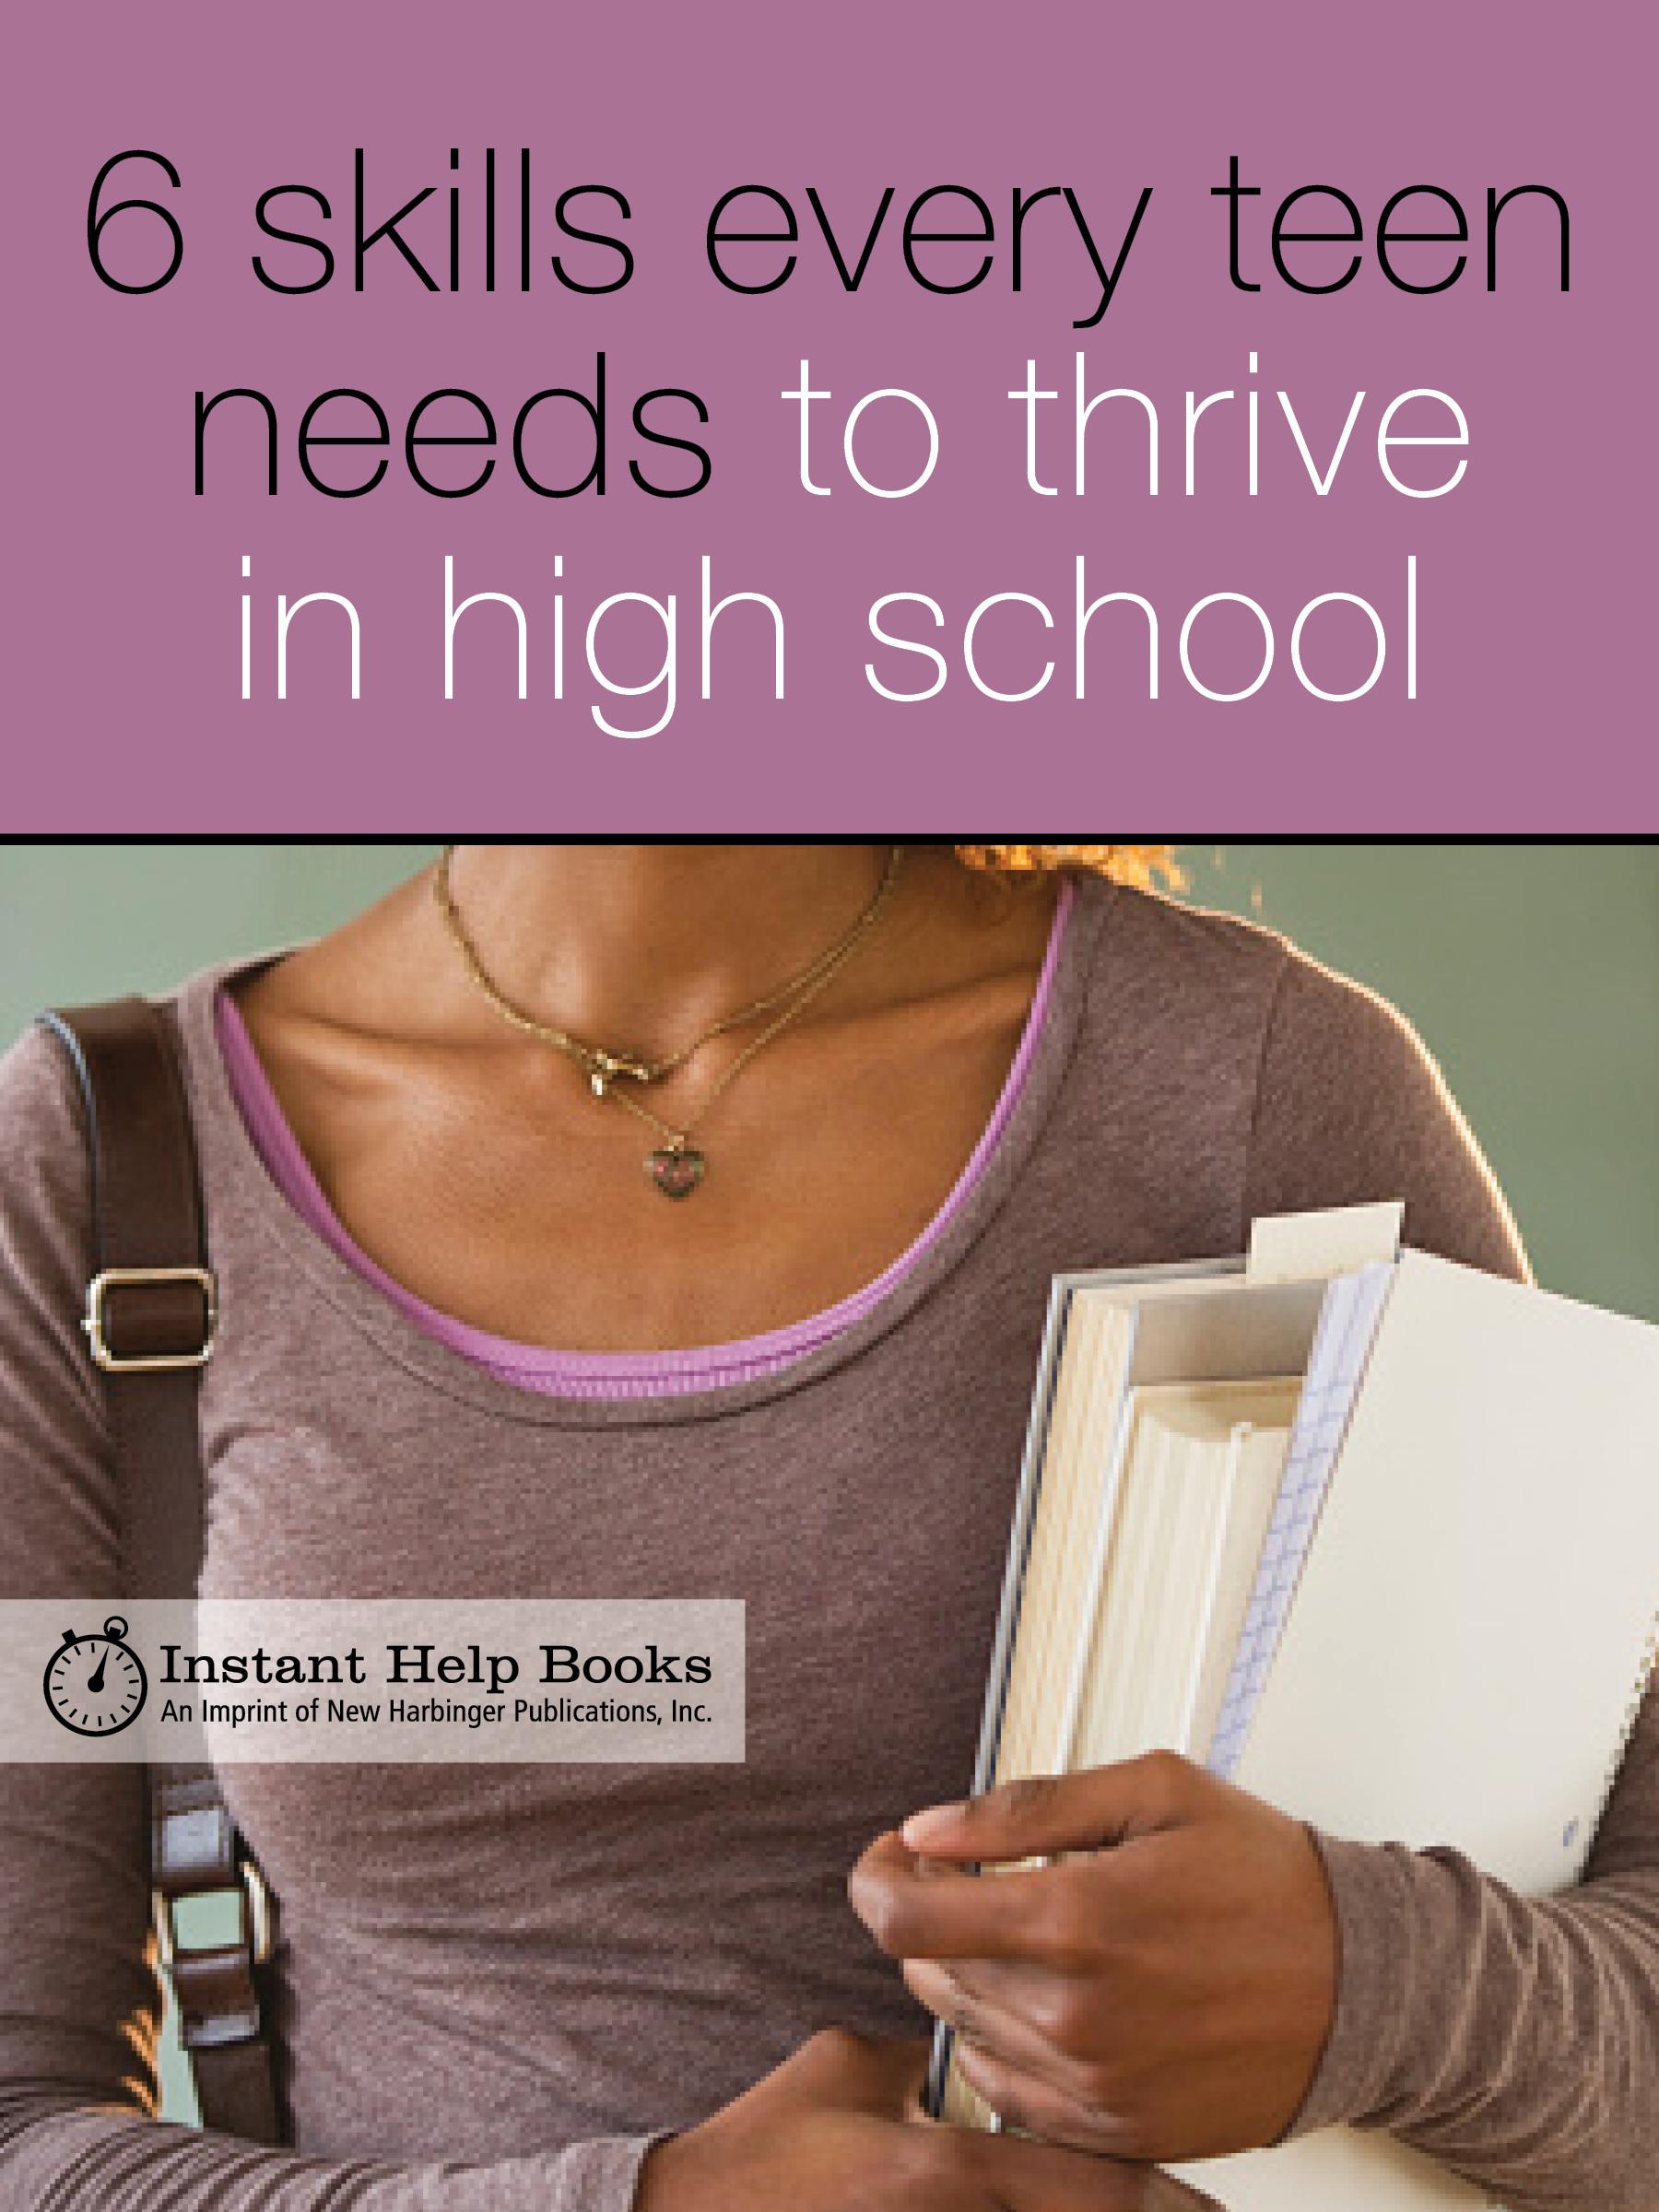 Teen girl holding school books